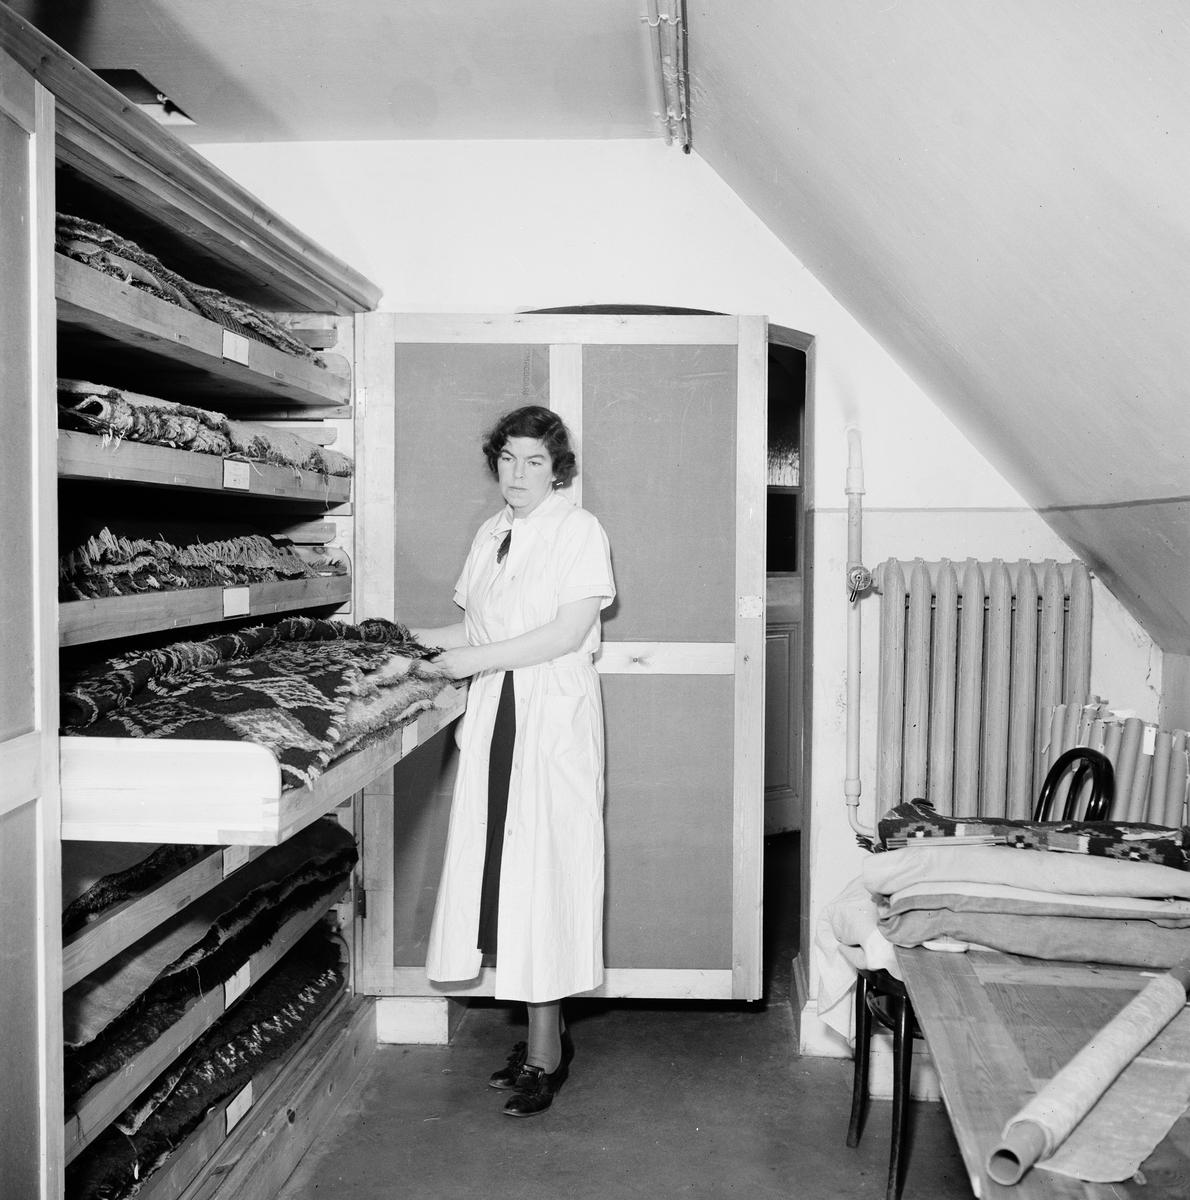 Porträtt av Elisabeth Strömberg, textilexpert på Nordiska museet som sedan övergick till Röhsska museet. Här står hon i magasin med museiföremål, textilier, förvarade i lådor.